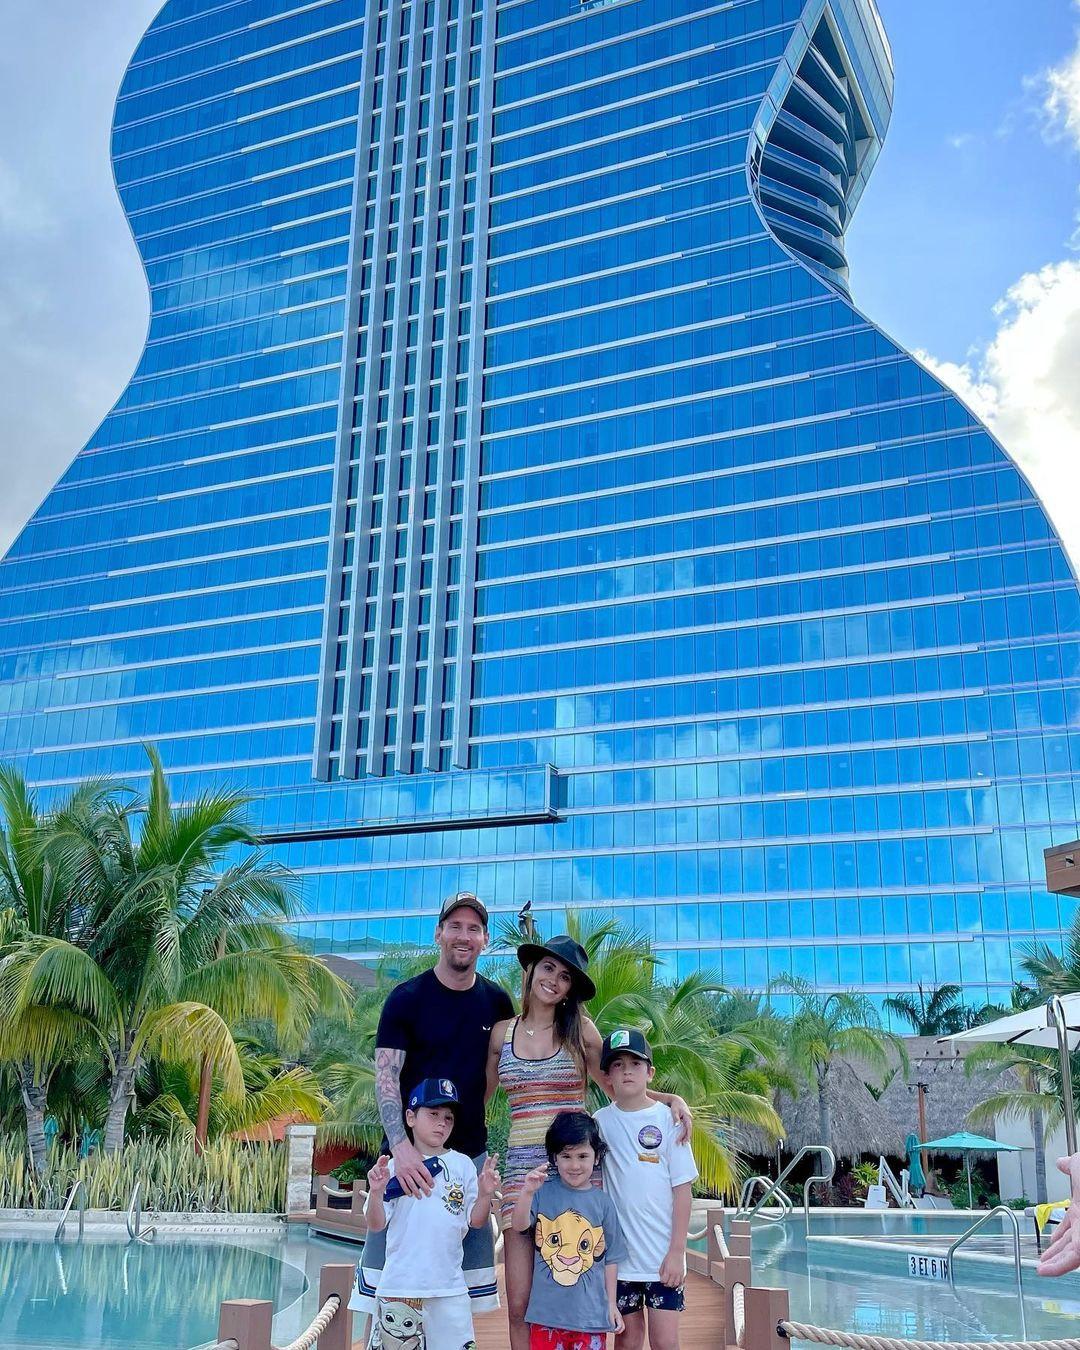 Khám phá khách sạn hình cây đàn mà gia đình Messi đang nghỉ dưỡng - 2